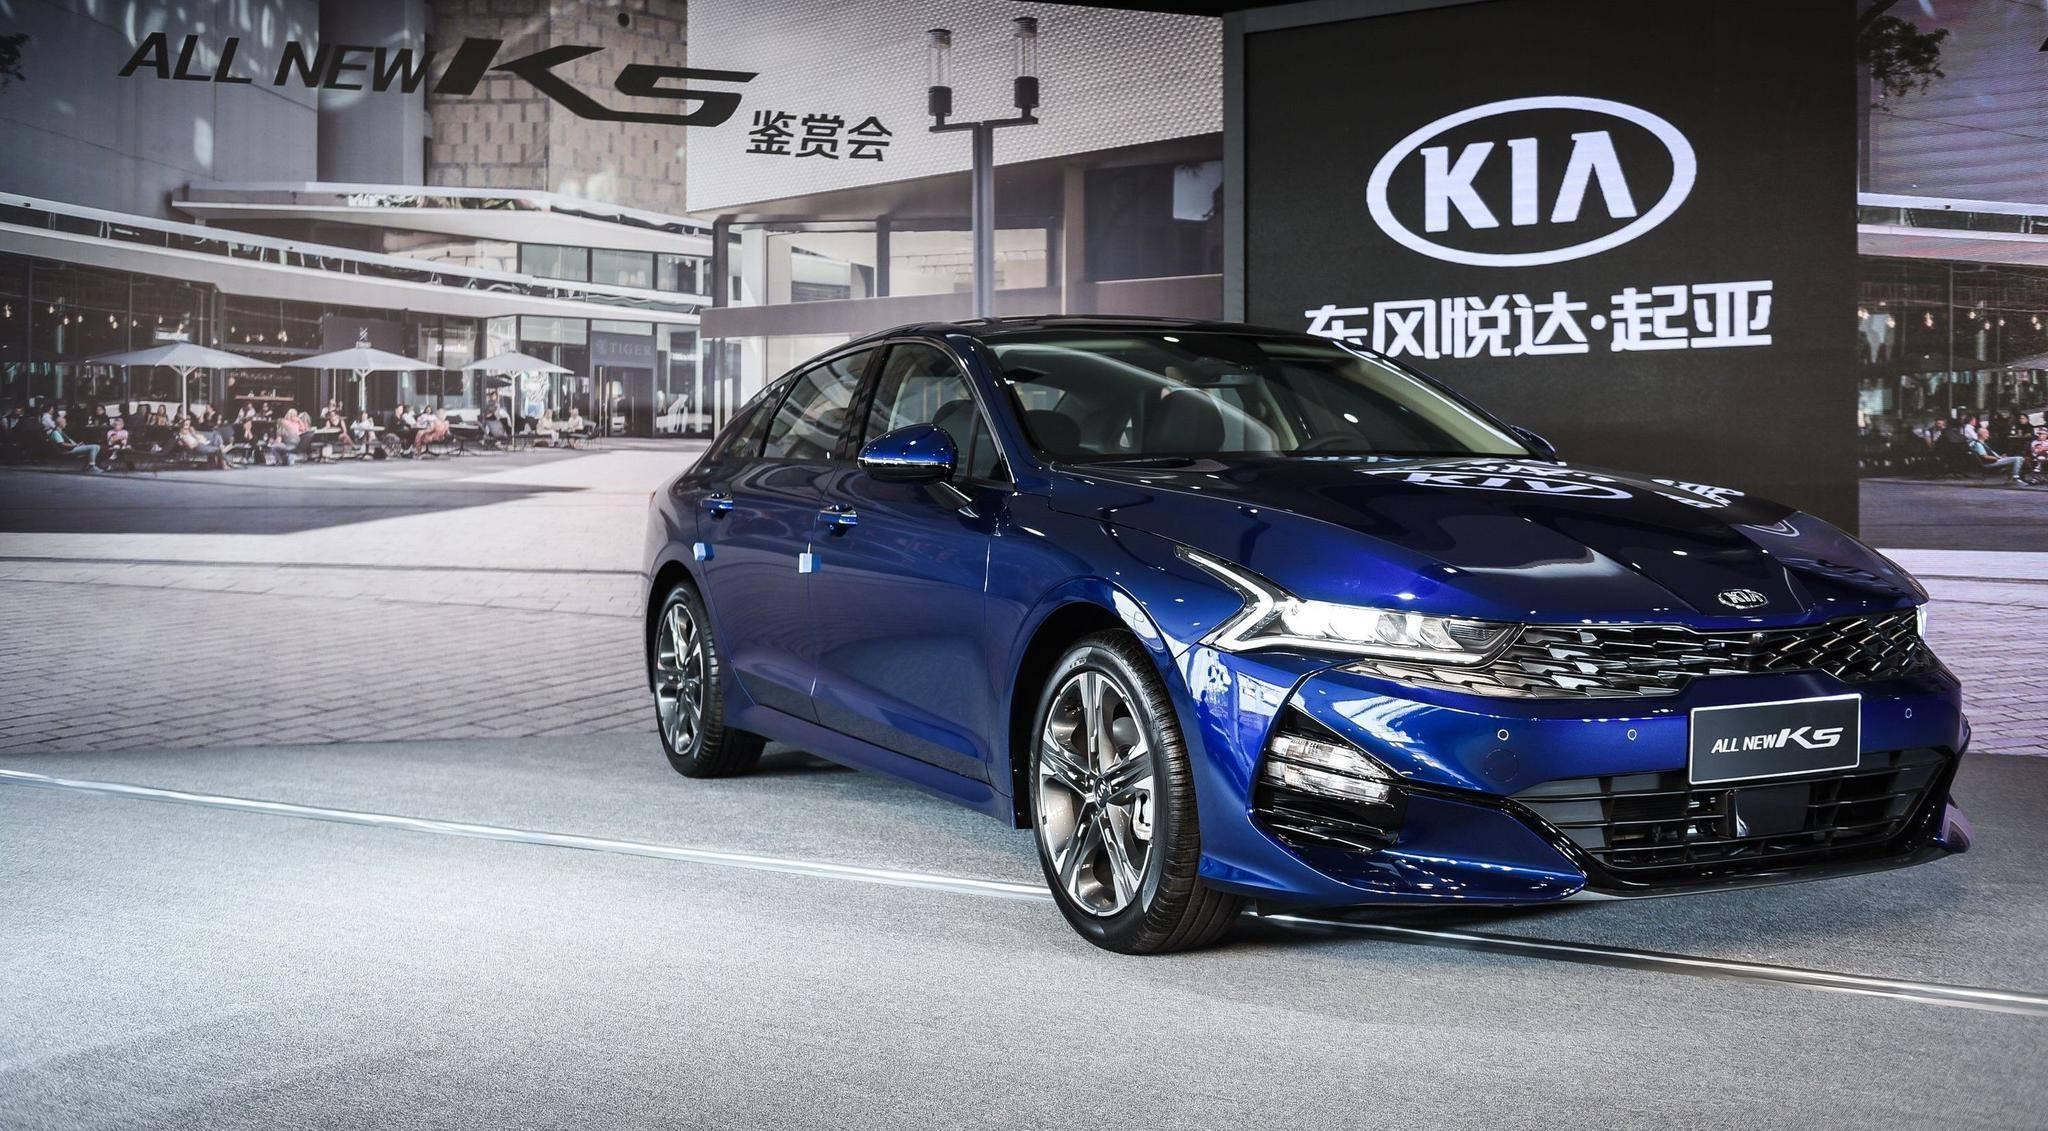 起亚K5开酷这款原厂合资、售价不到15万元的中型车再次吸引了年轻人